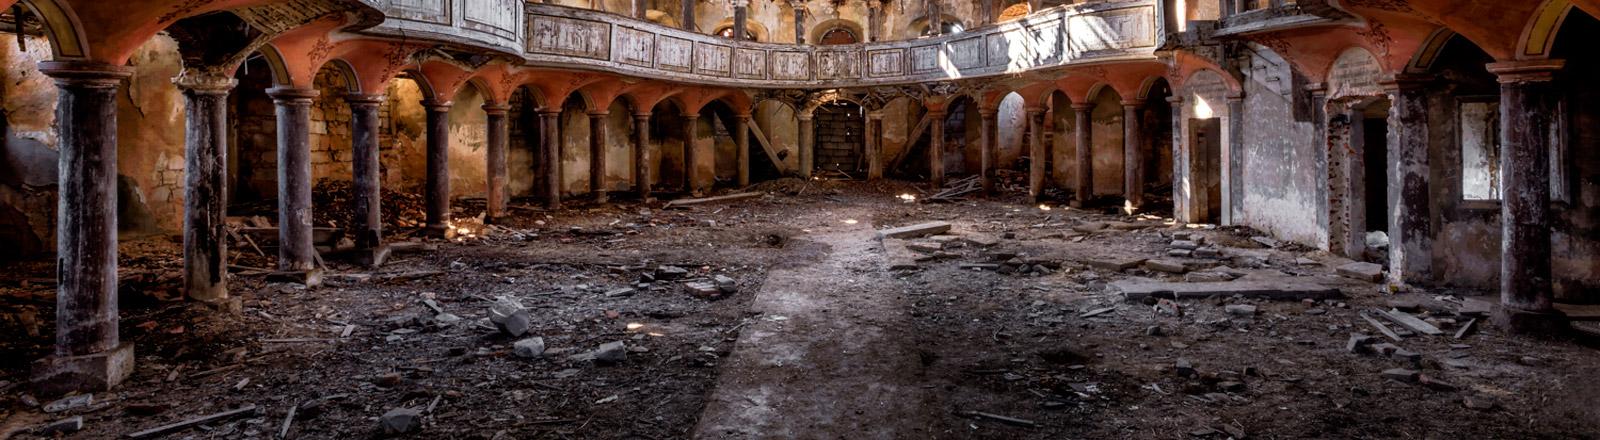 Ein zerfallenes Gebäude, innen